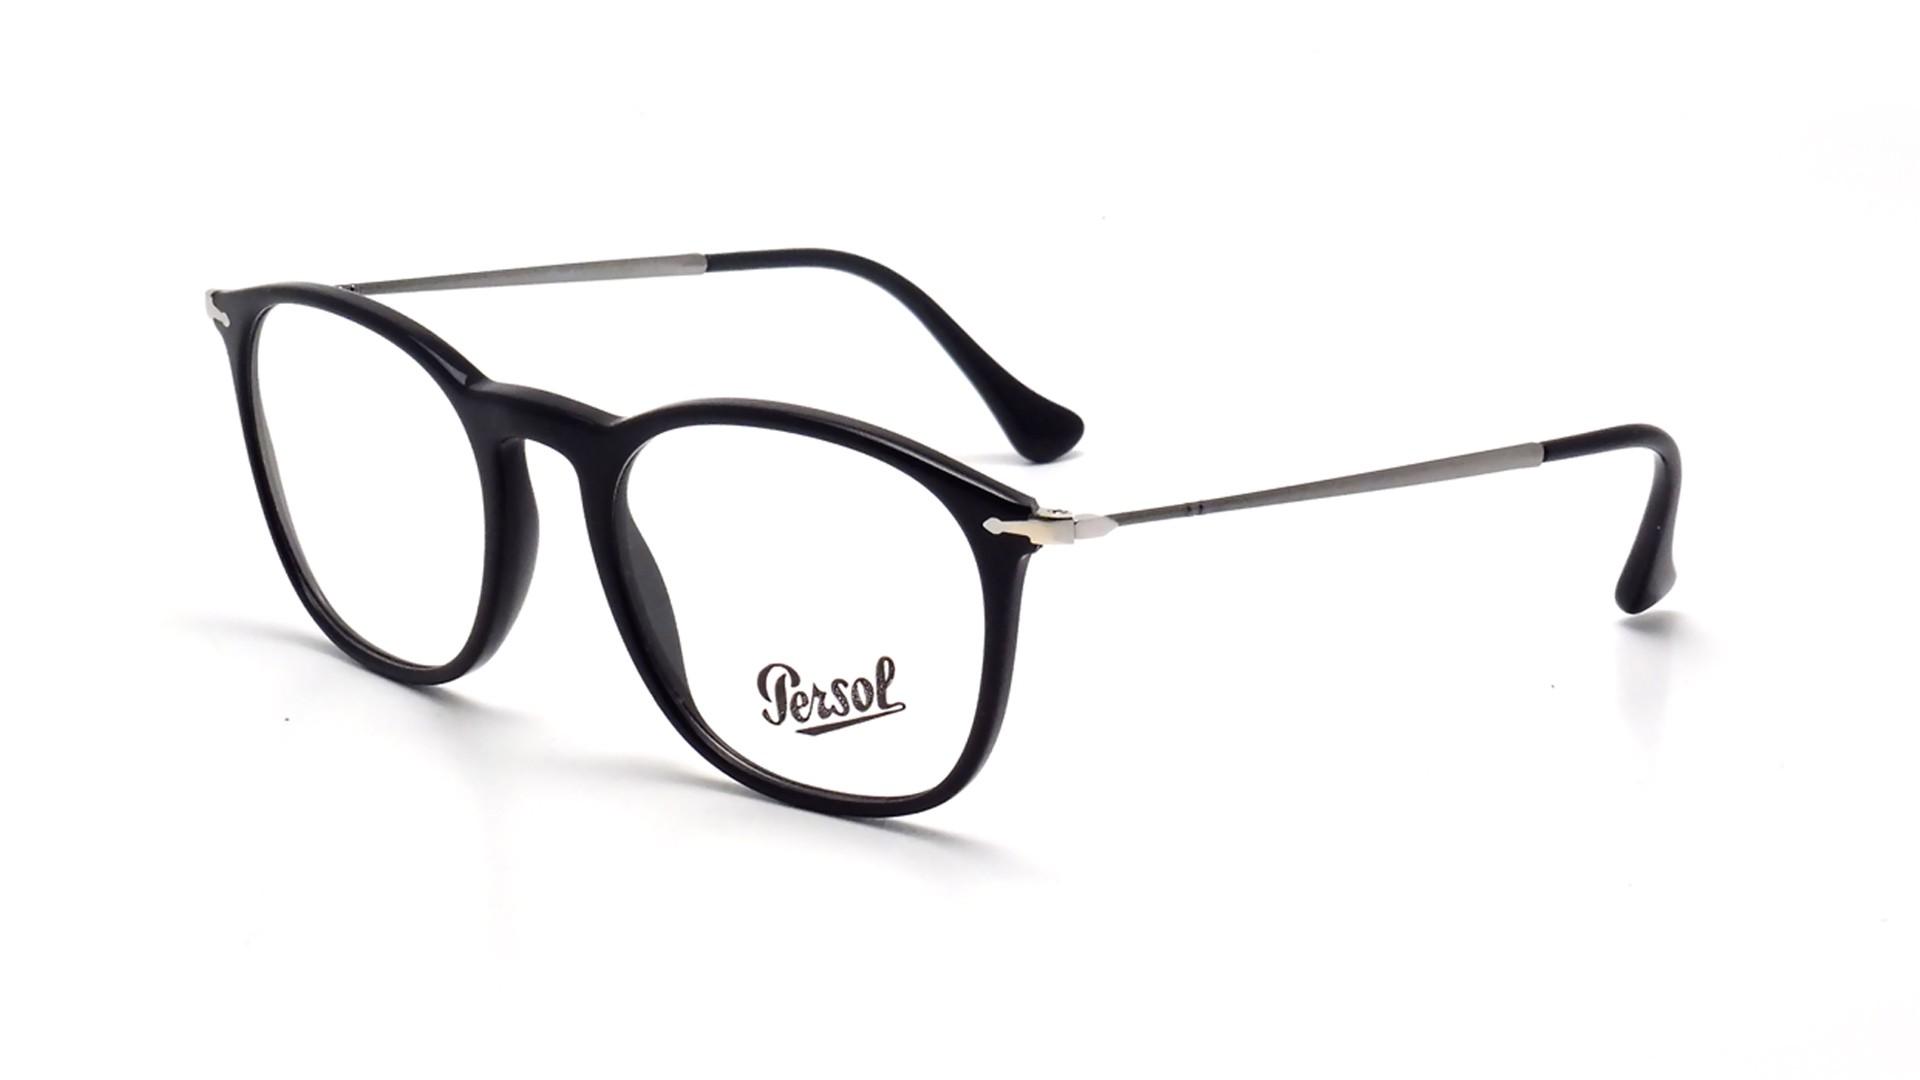 2b4e9198b9 Persol Reflex Edition Black PO3124V 95 50-19